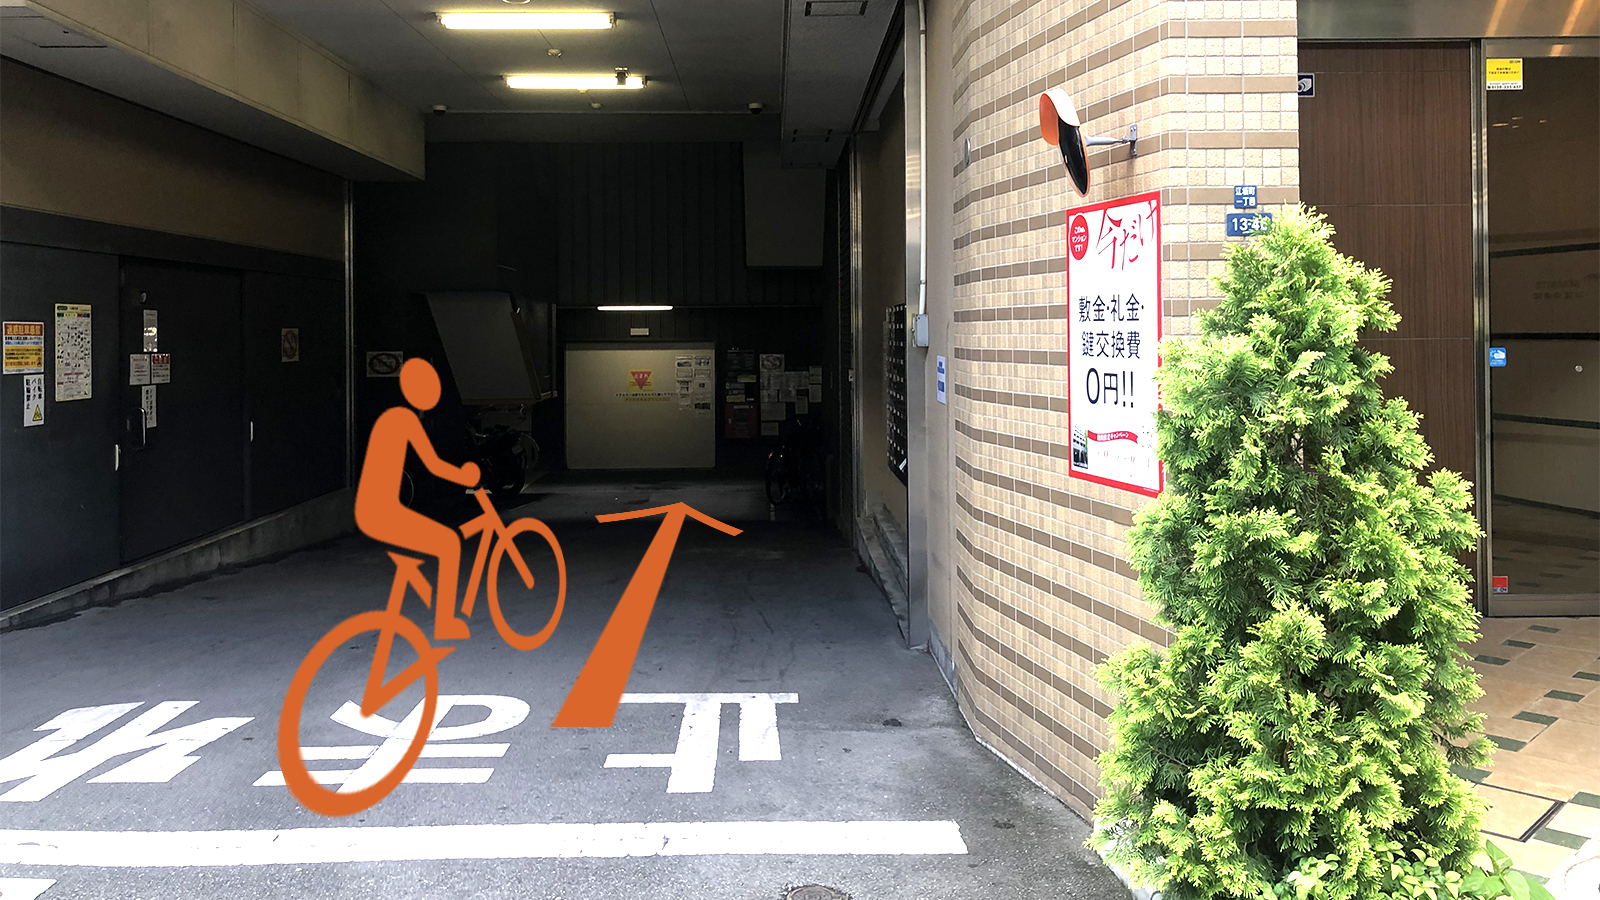 グラム外自転車アイコン